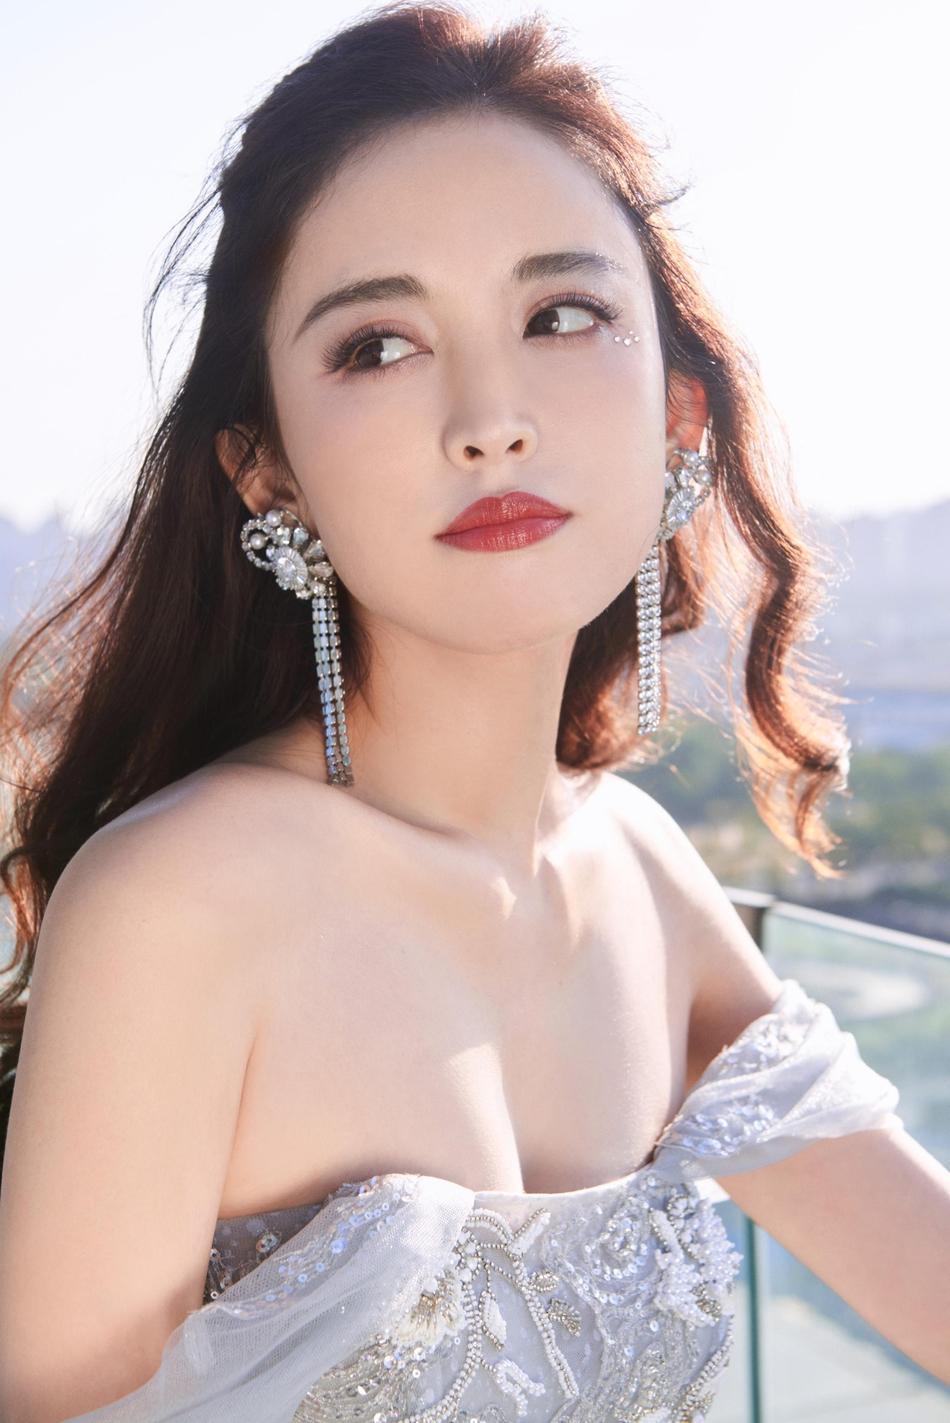 娜扎穿刺绣长裙秀酥胸香肩 背部线条优美性感撩人